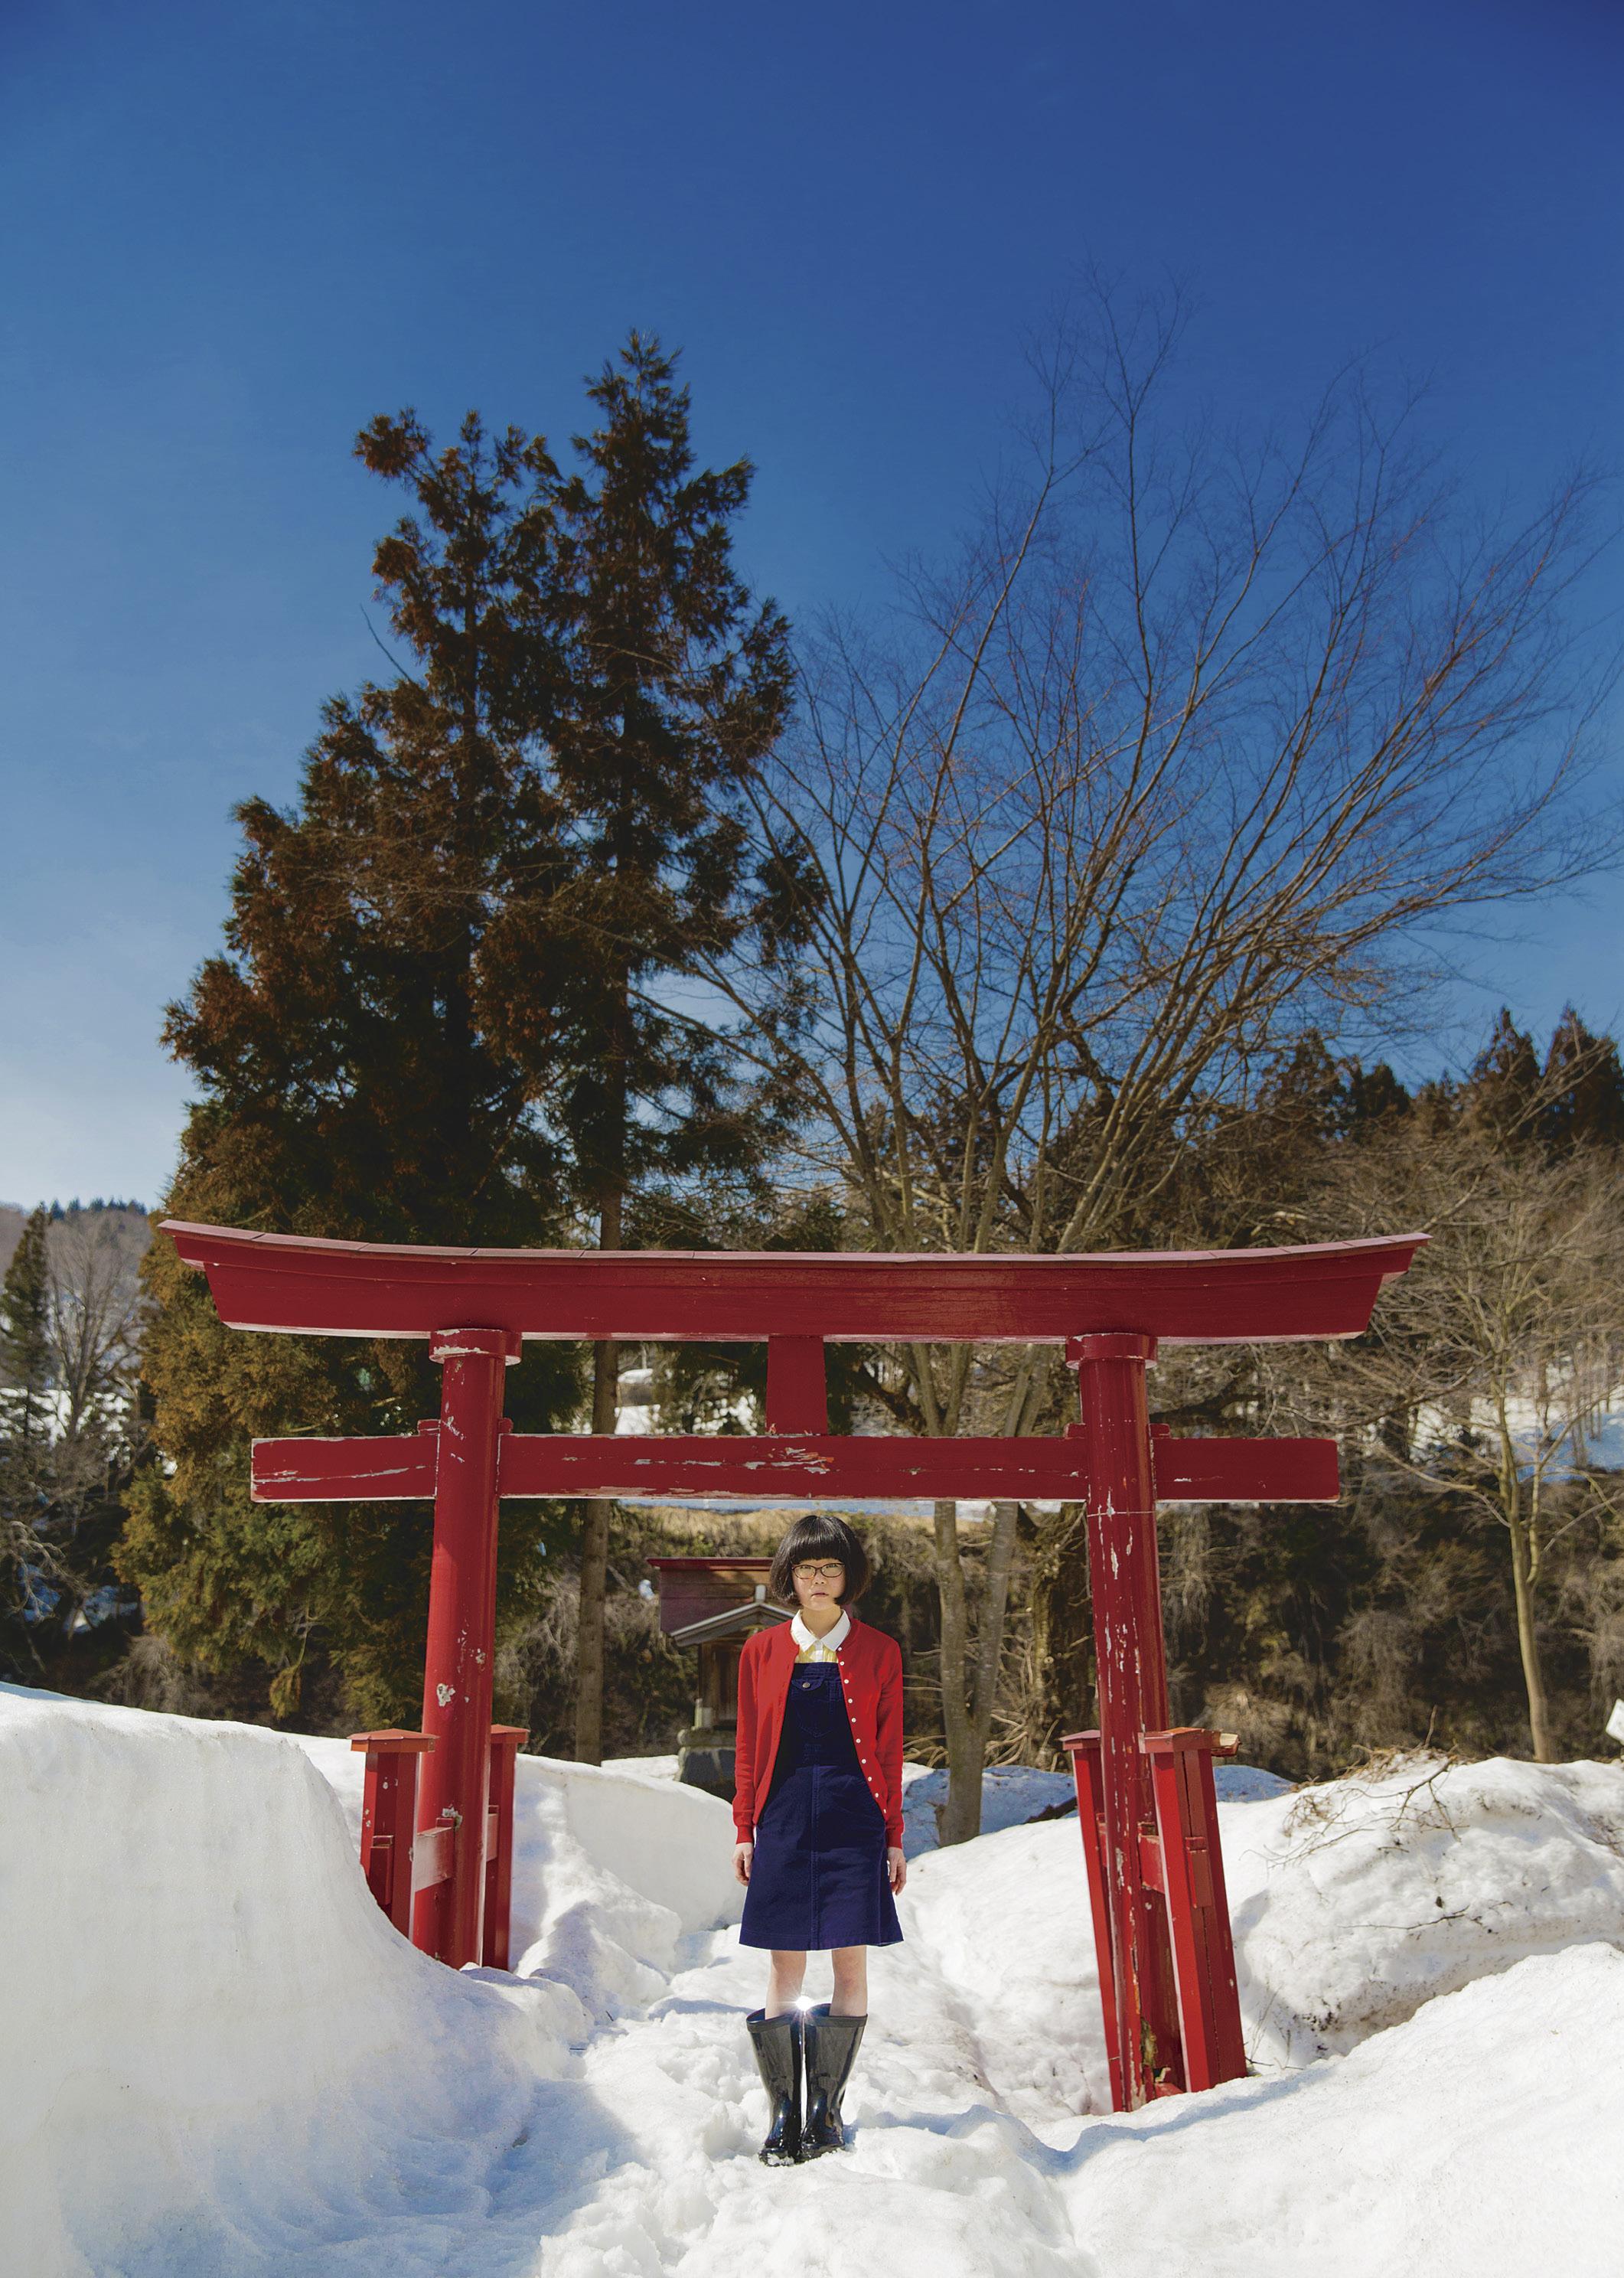 写真提供:大地の芸術祭実行委員会事務局 photo:Hiroshi Hatori